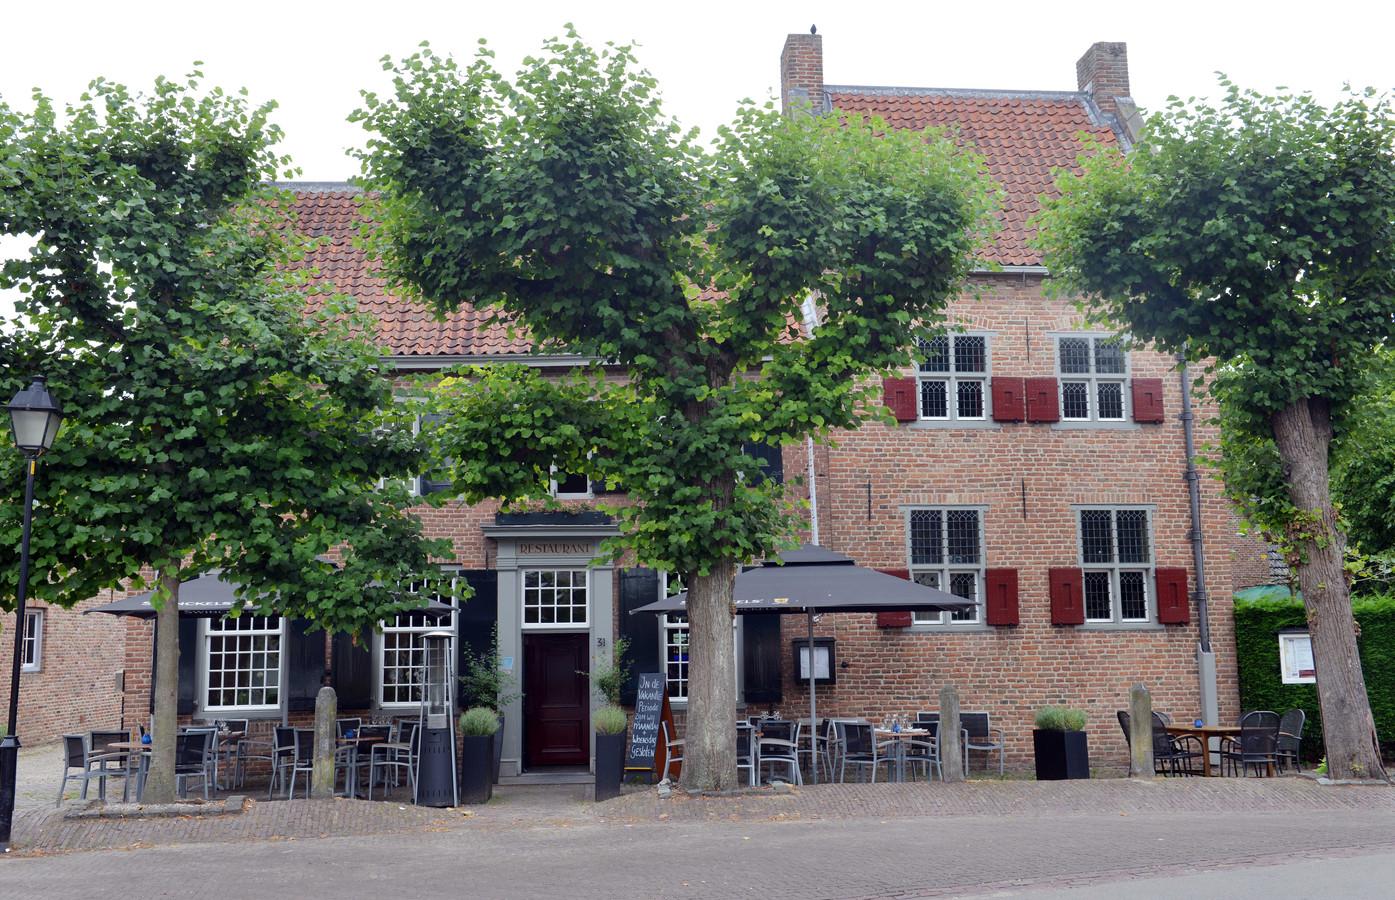 Theater Heerenlogement aan de Markt in Beusichem.